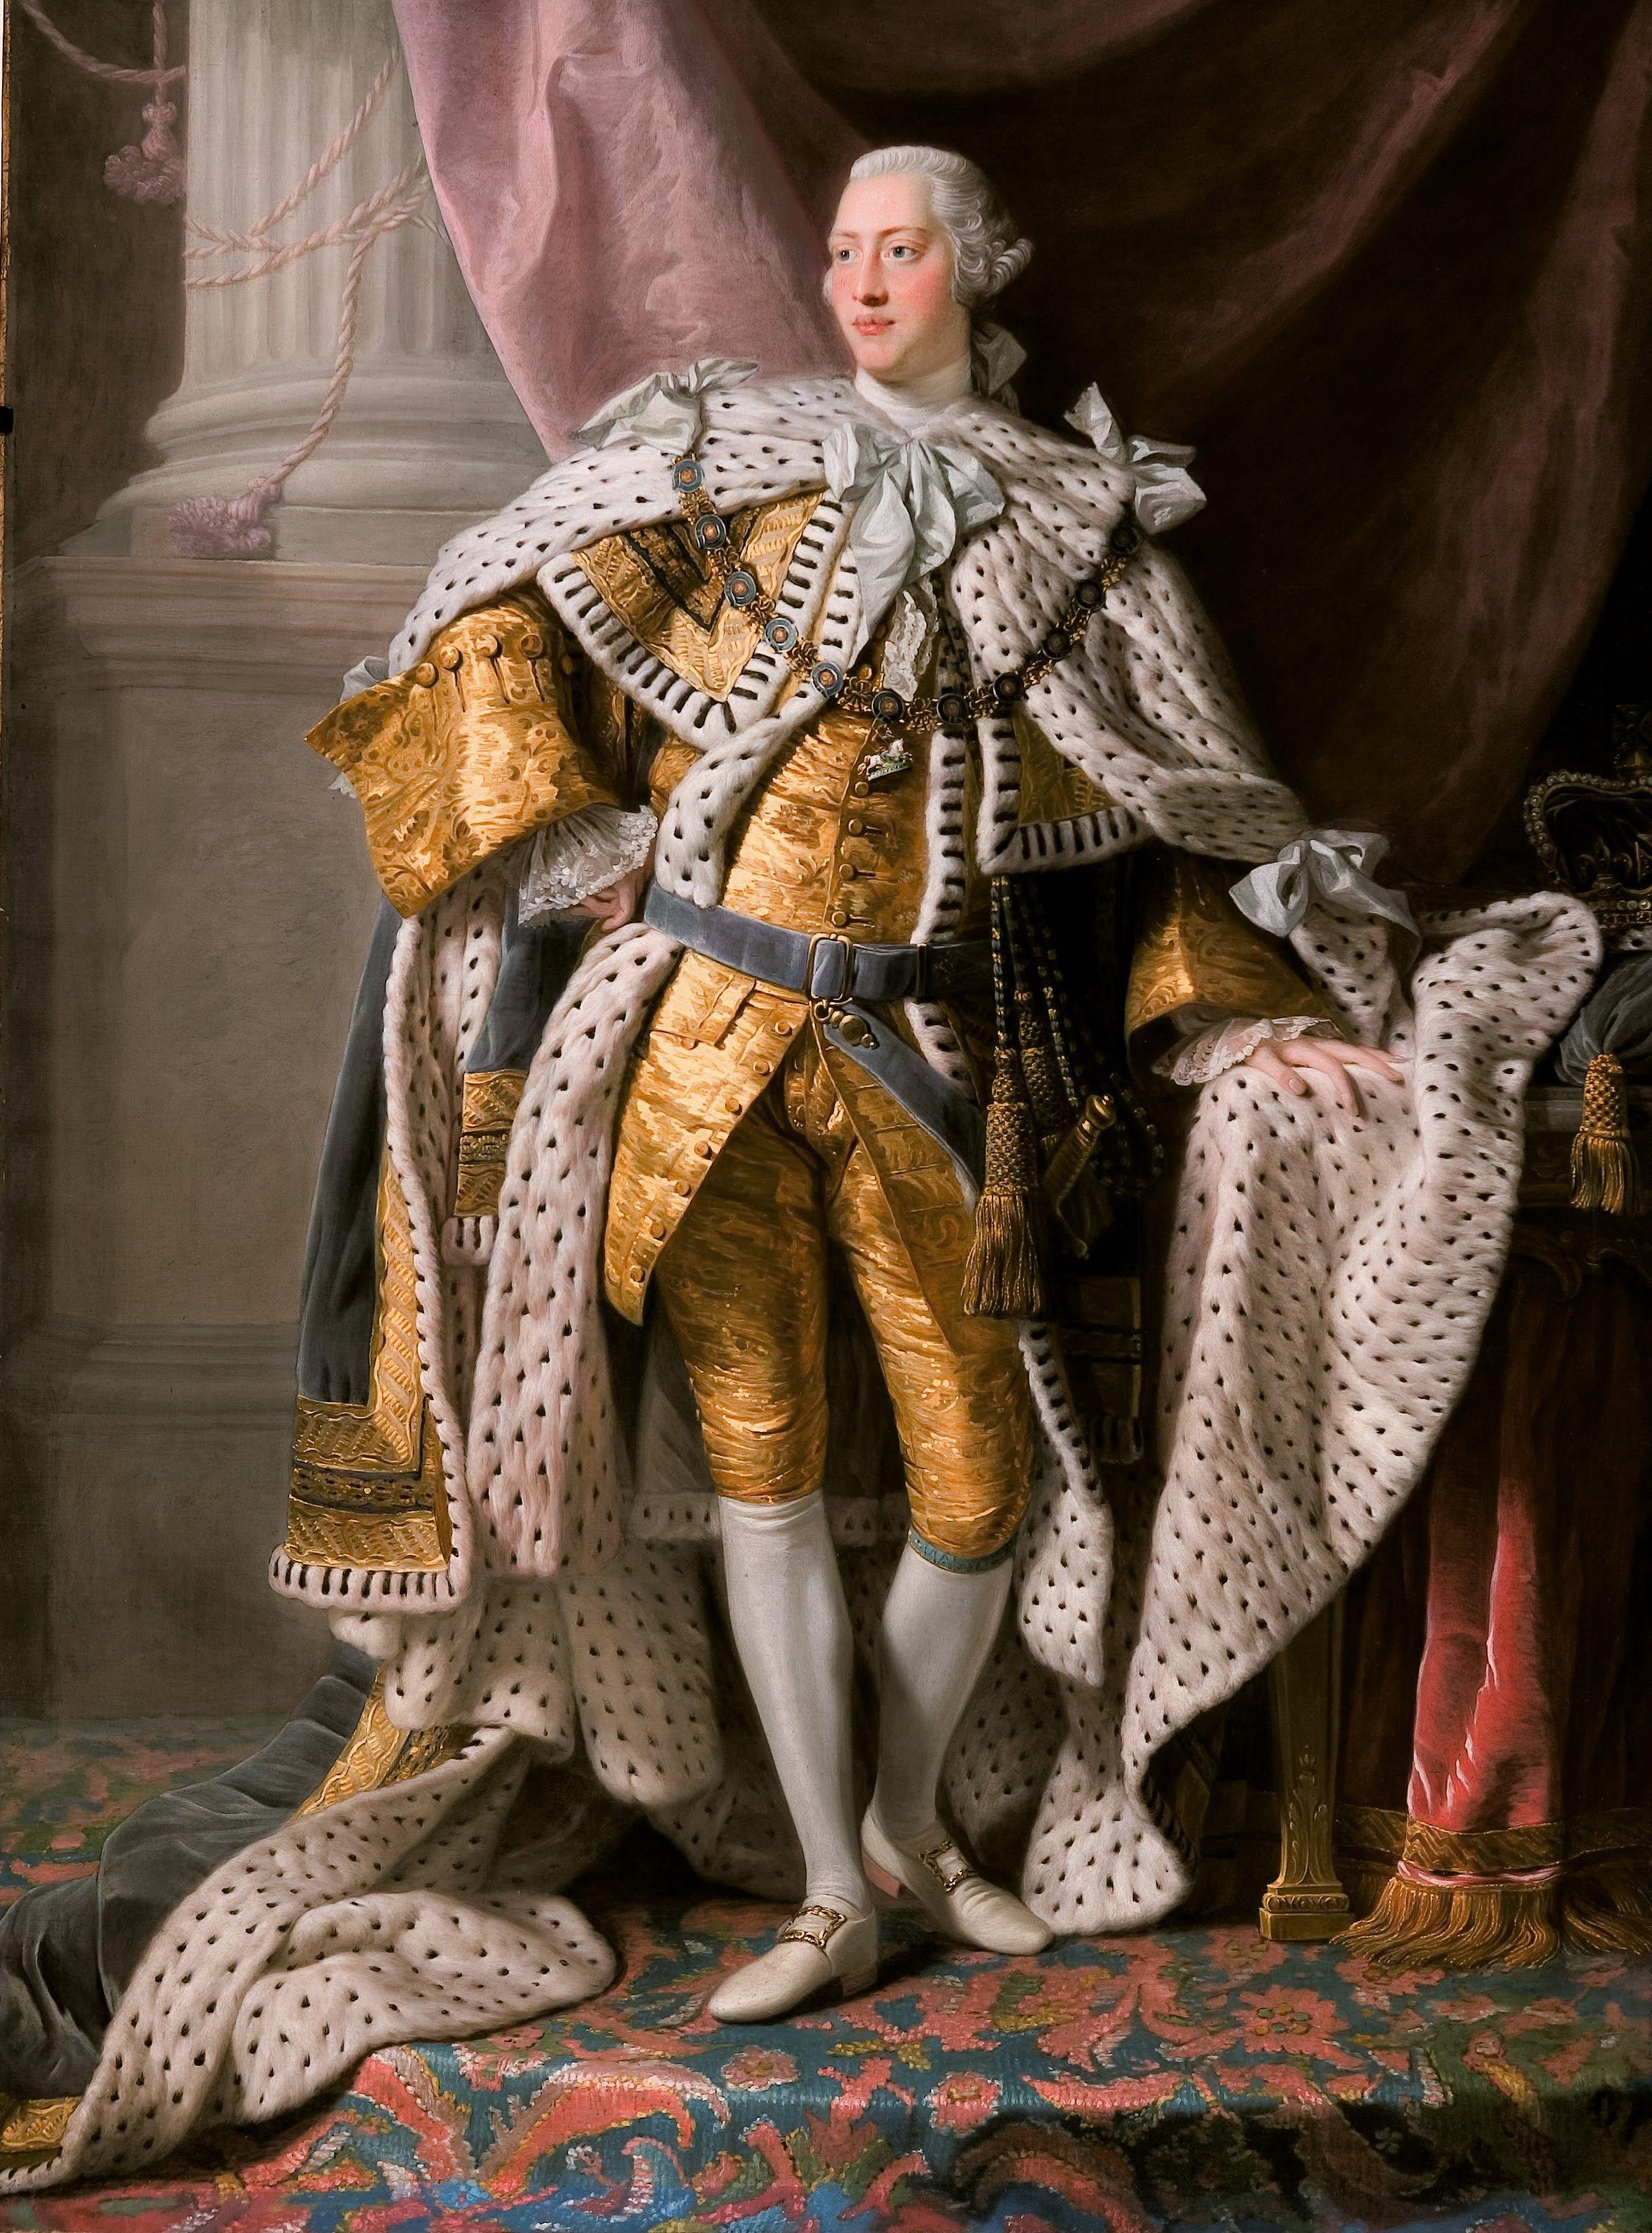 Lékaři kvůli opakujícím se záchvatům vrtali Jiřímu III. lebku. Zlepšení to nepřislo.